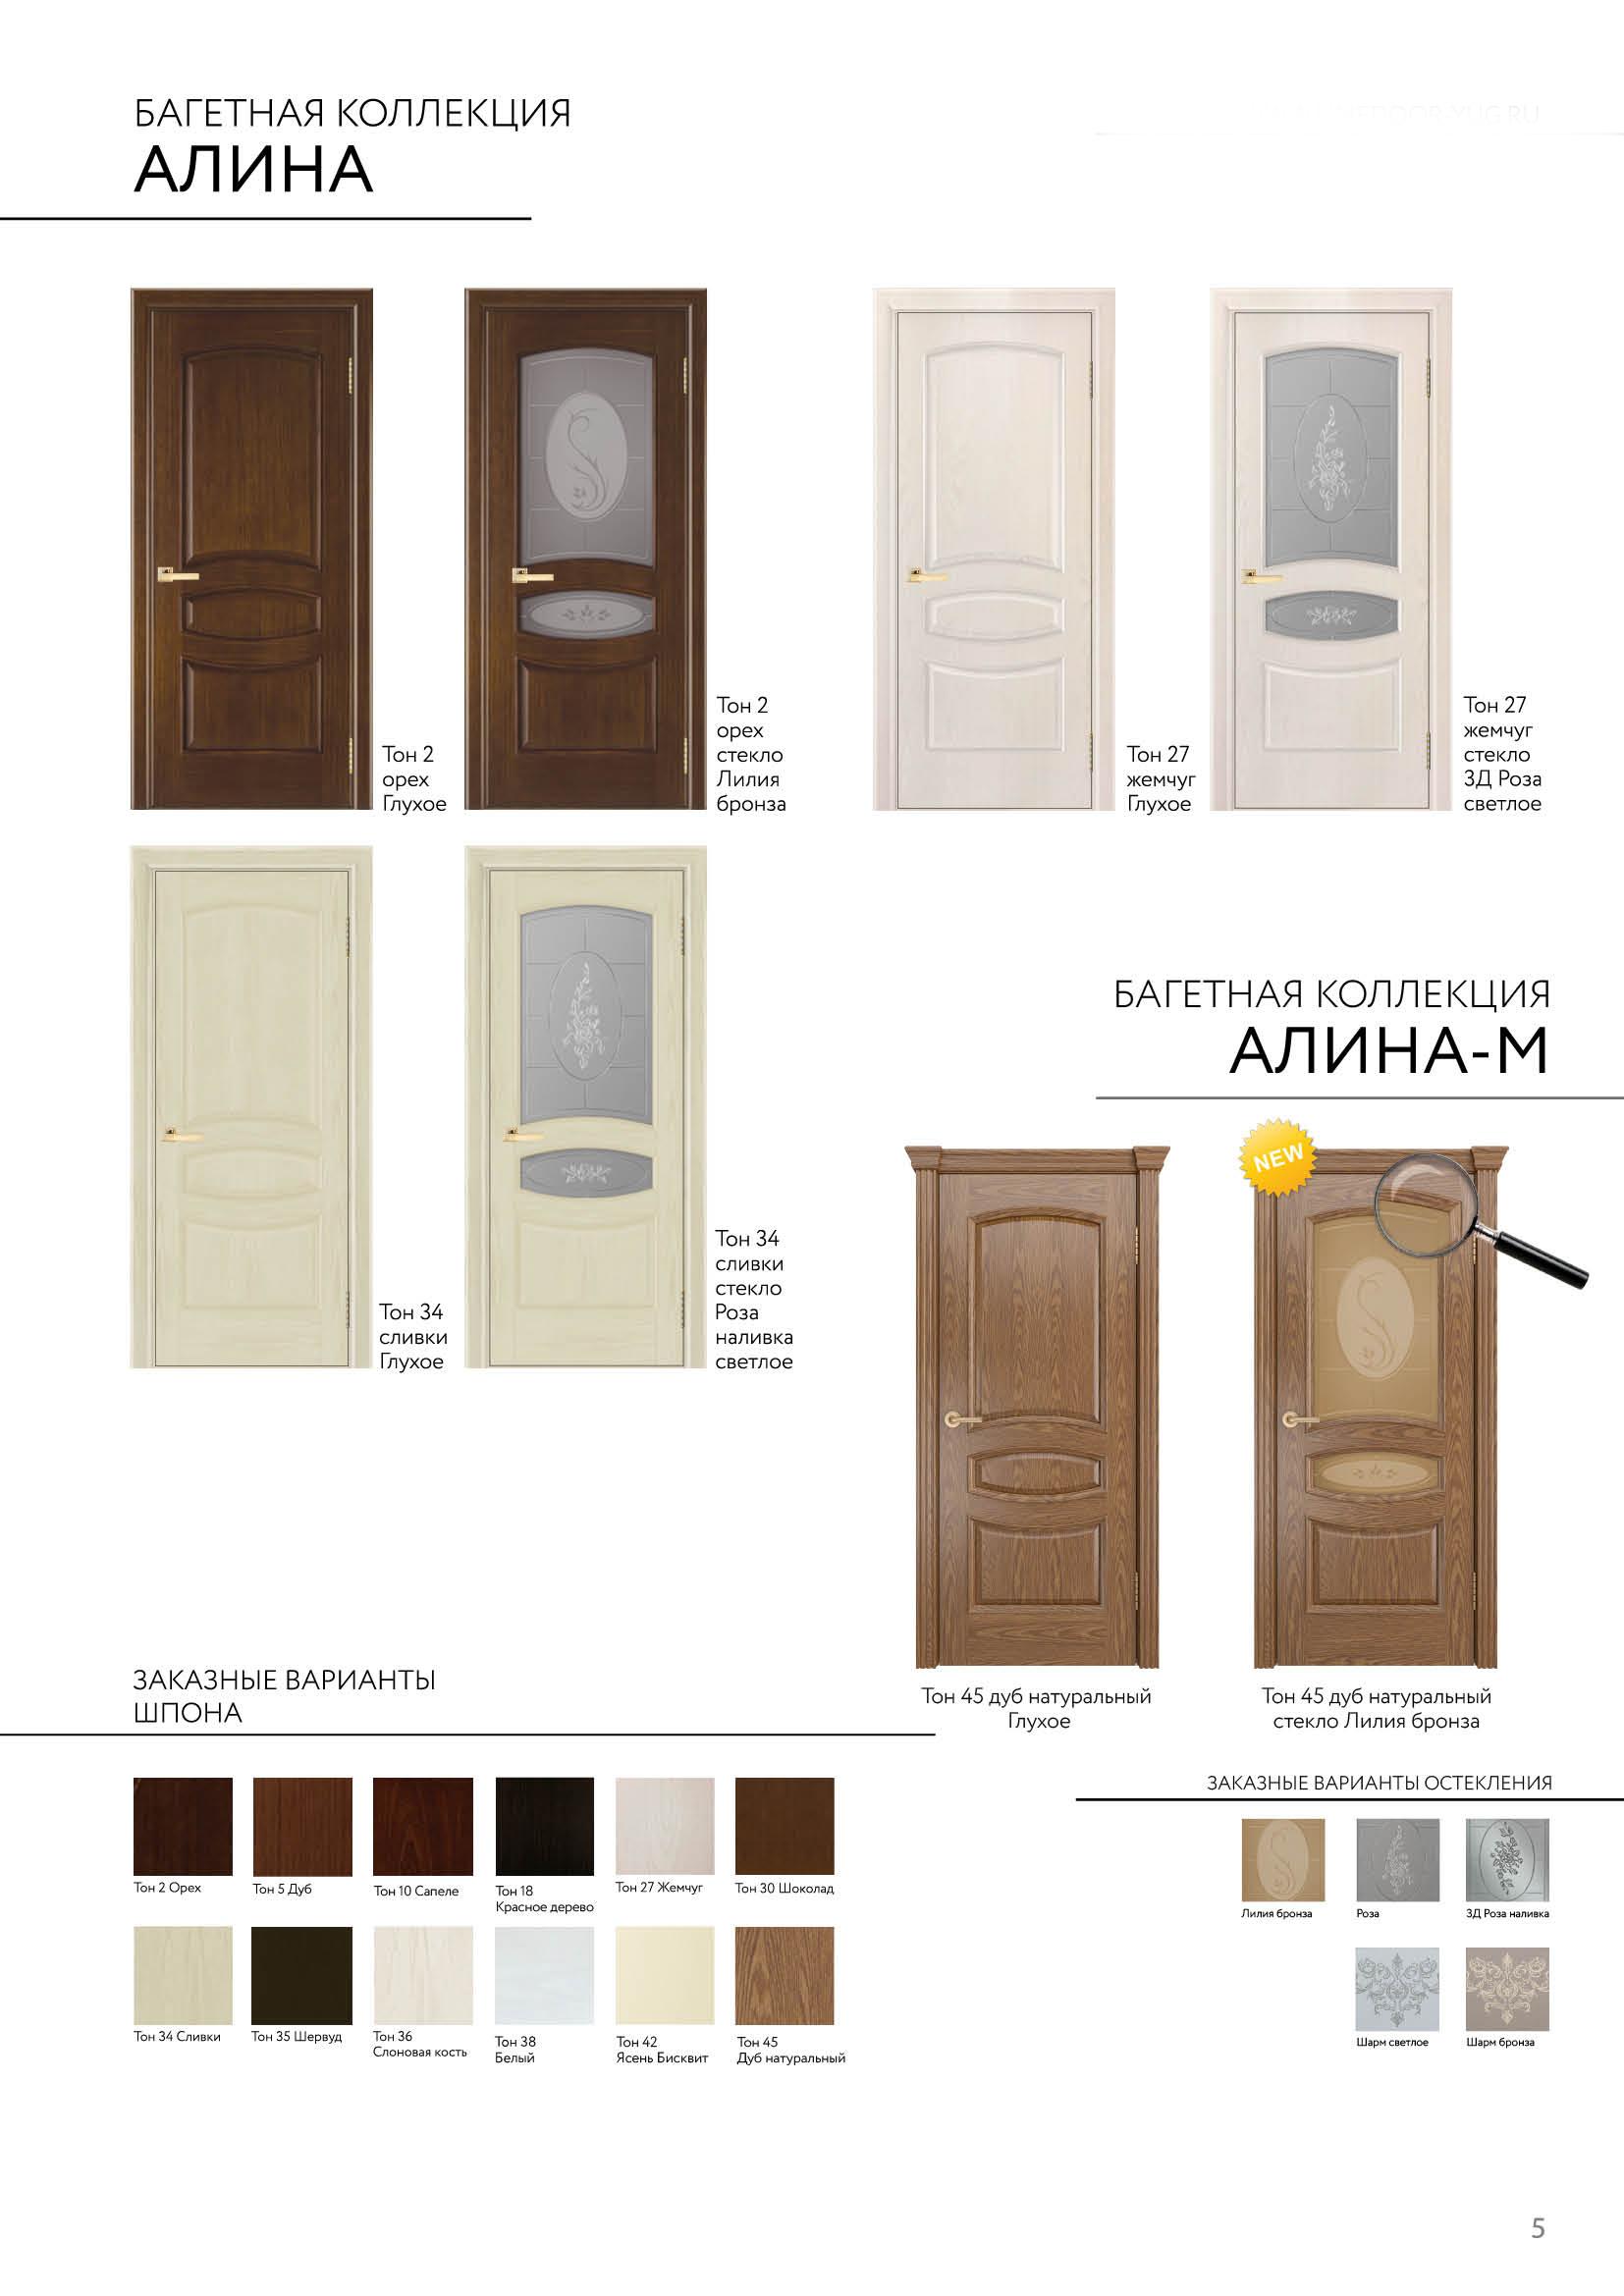 Межкомнатные Ульяновские двери модель Алина